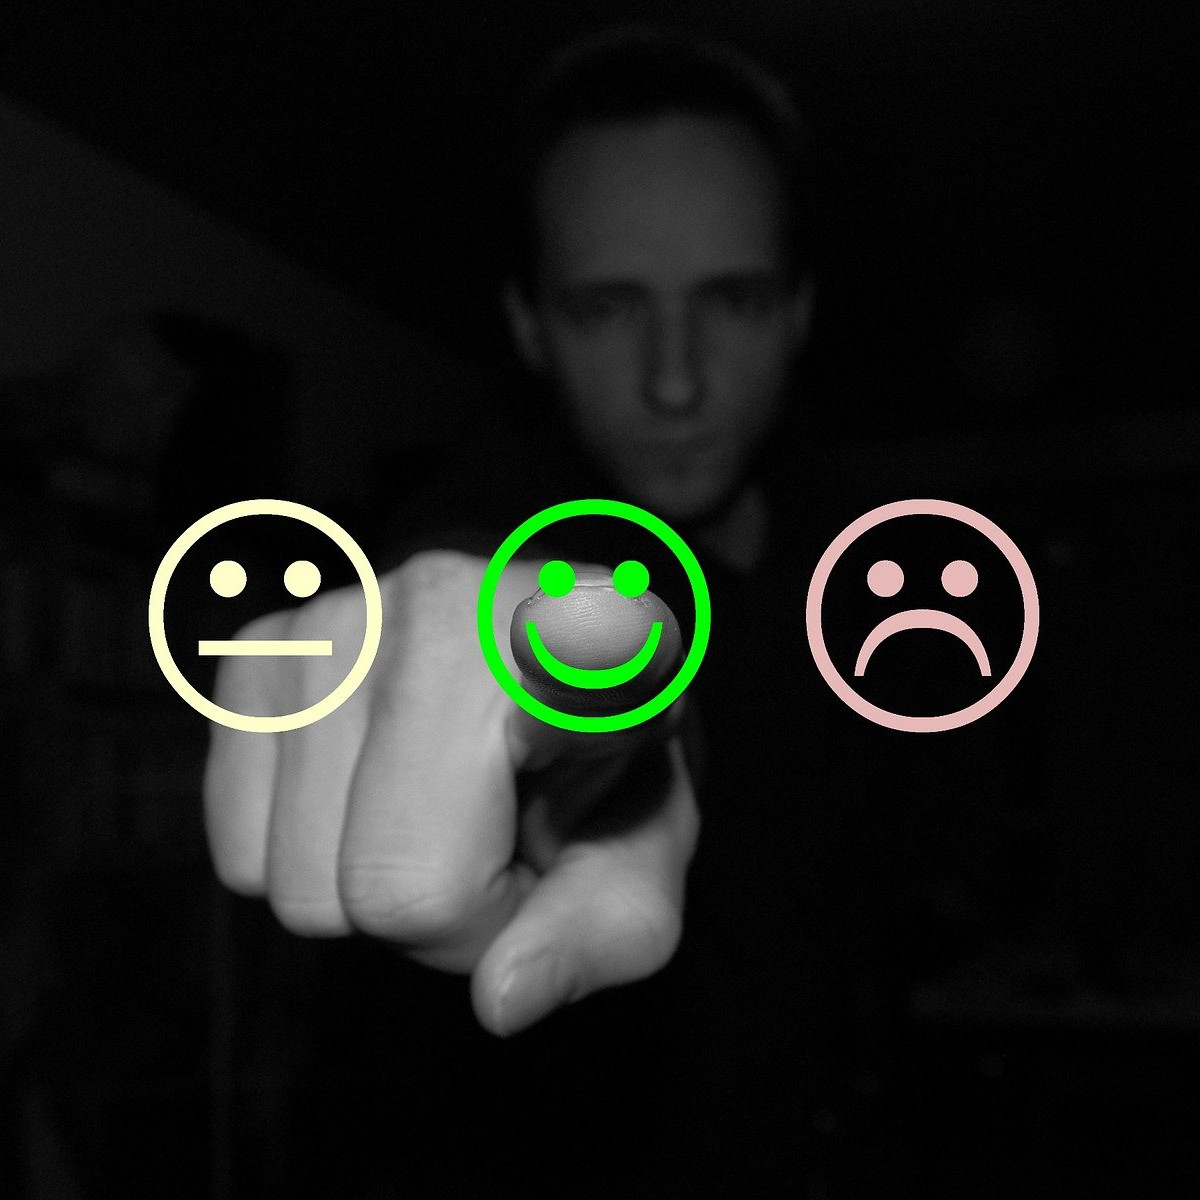 feedback emojis